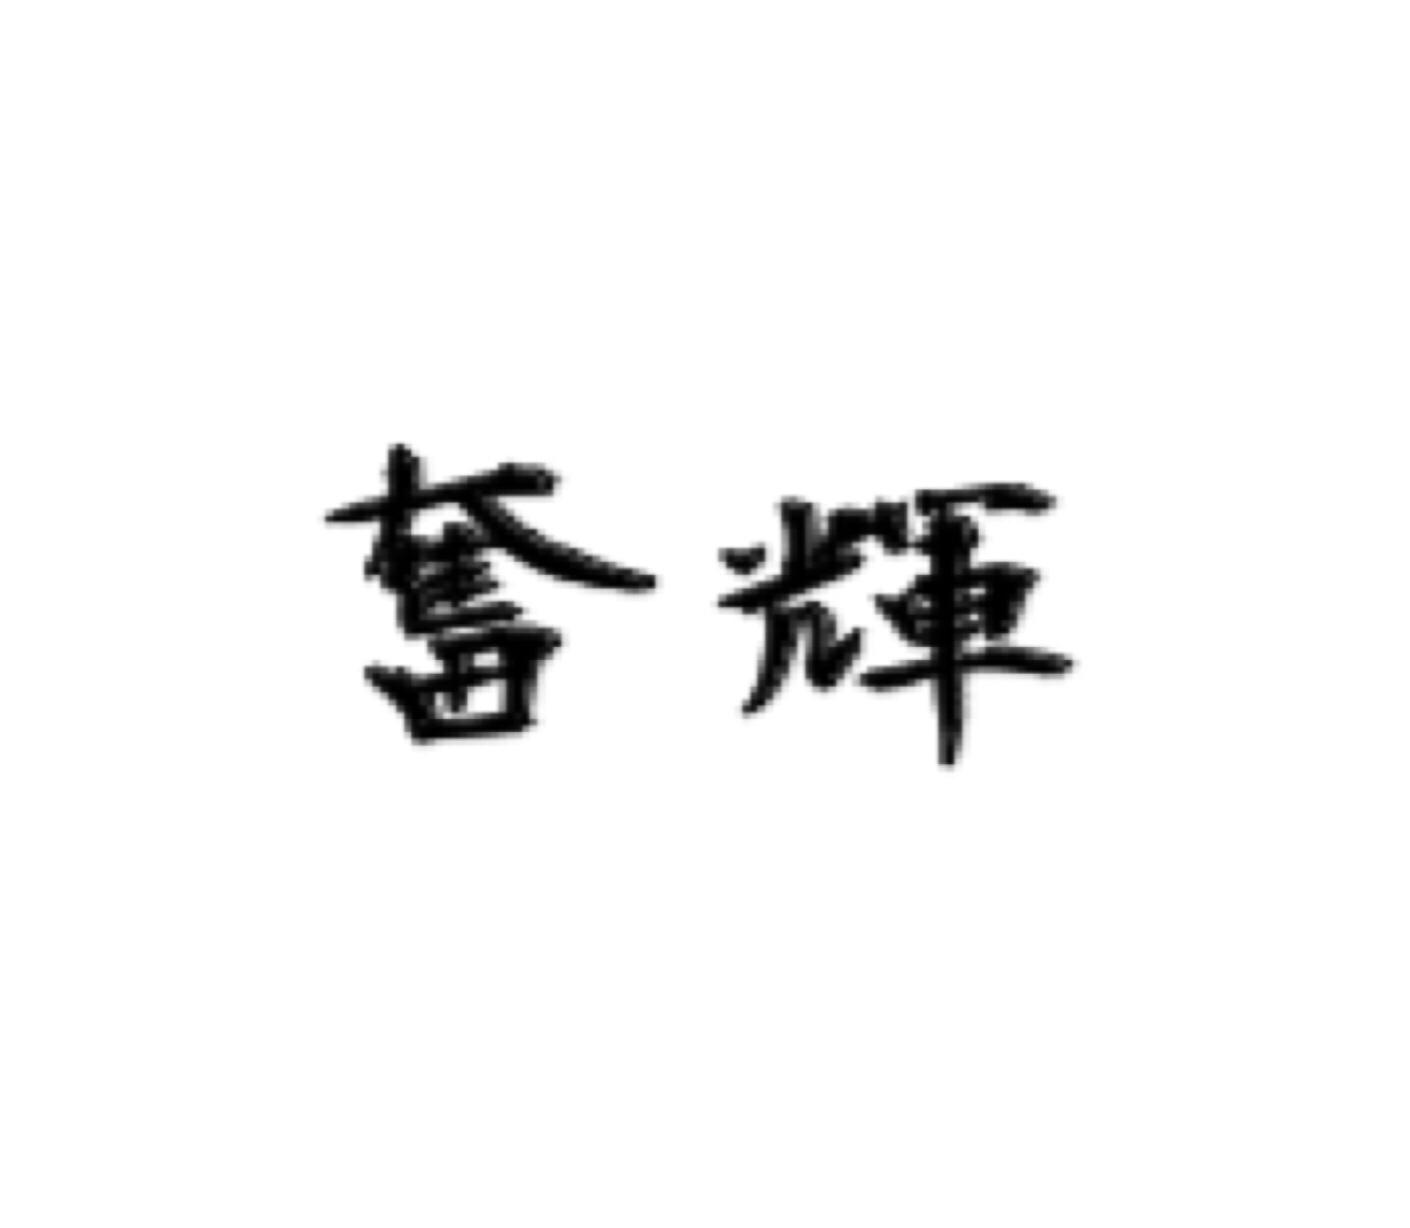 巨人2018年スローガンは「奮輝」に決定!歴代の巨人スローガン一覧!